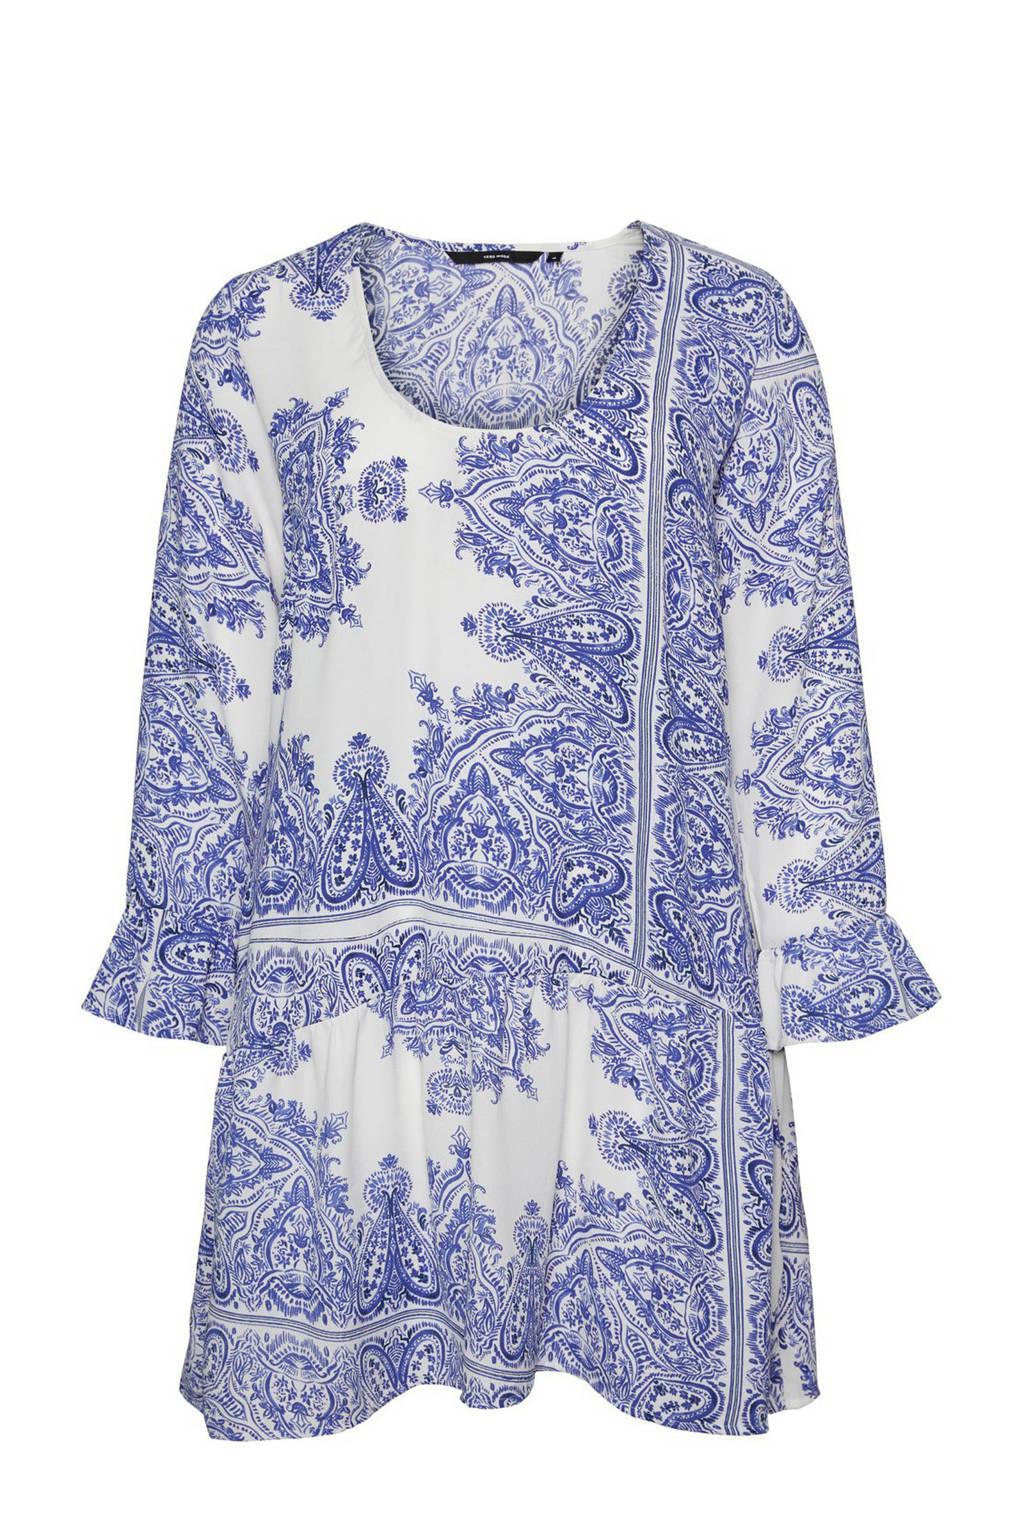 VERO MODA CURVE jurk met all over print wit/blauw, Wit/blauw